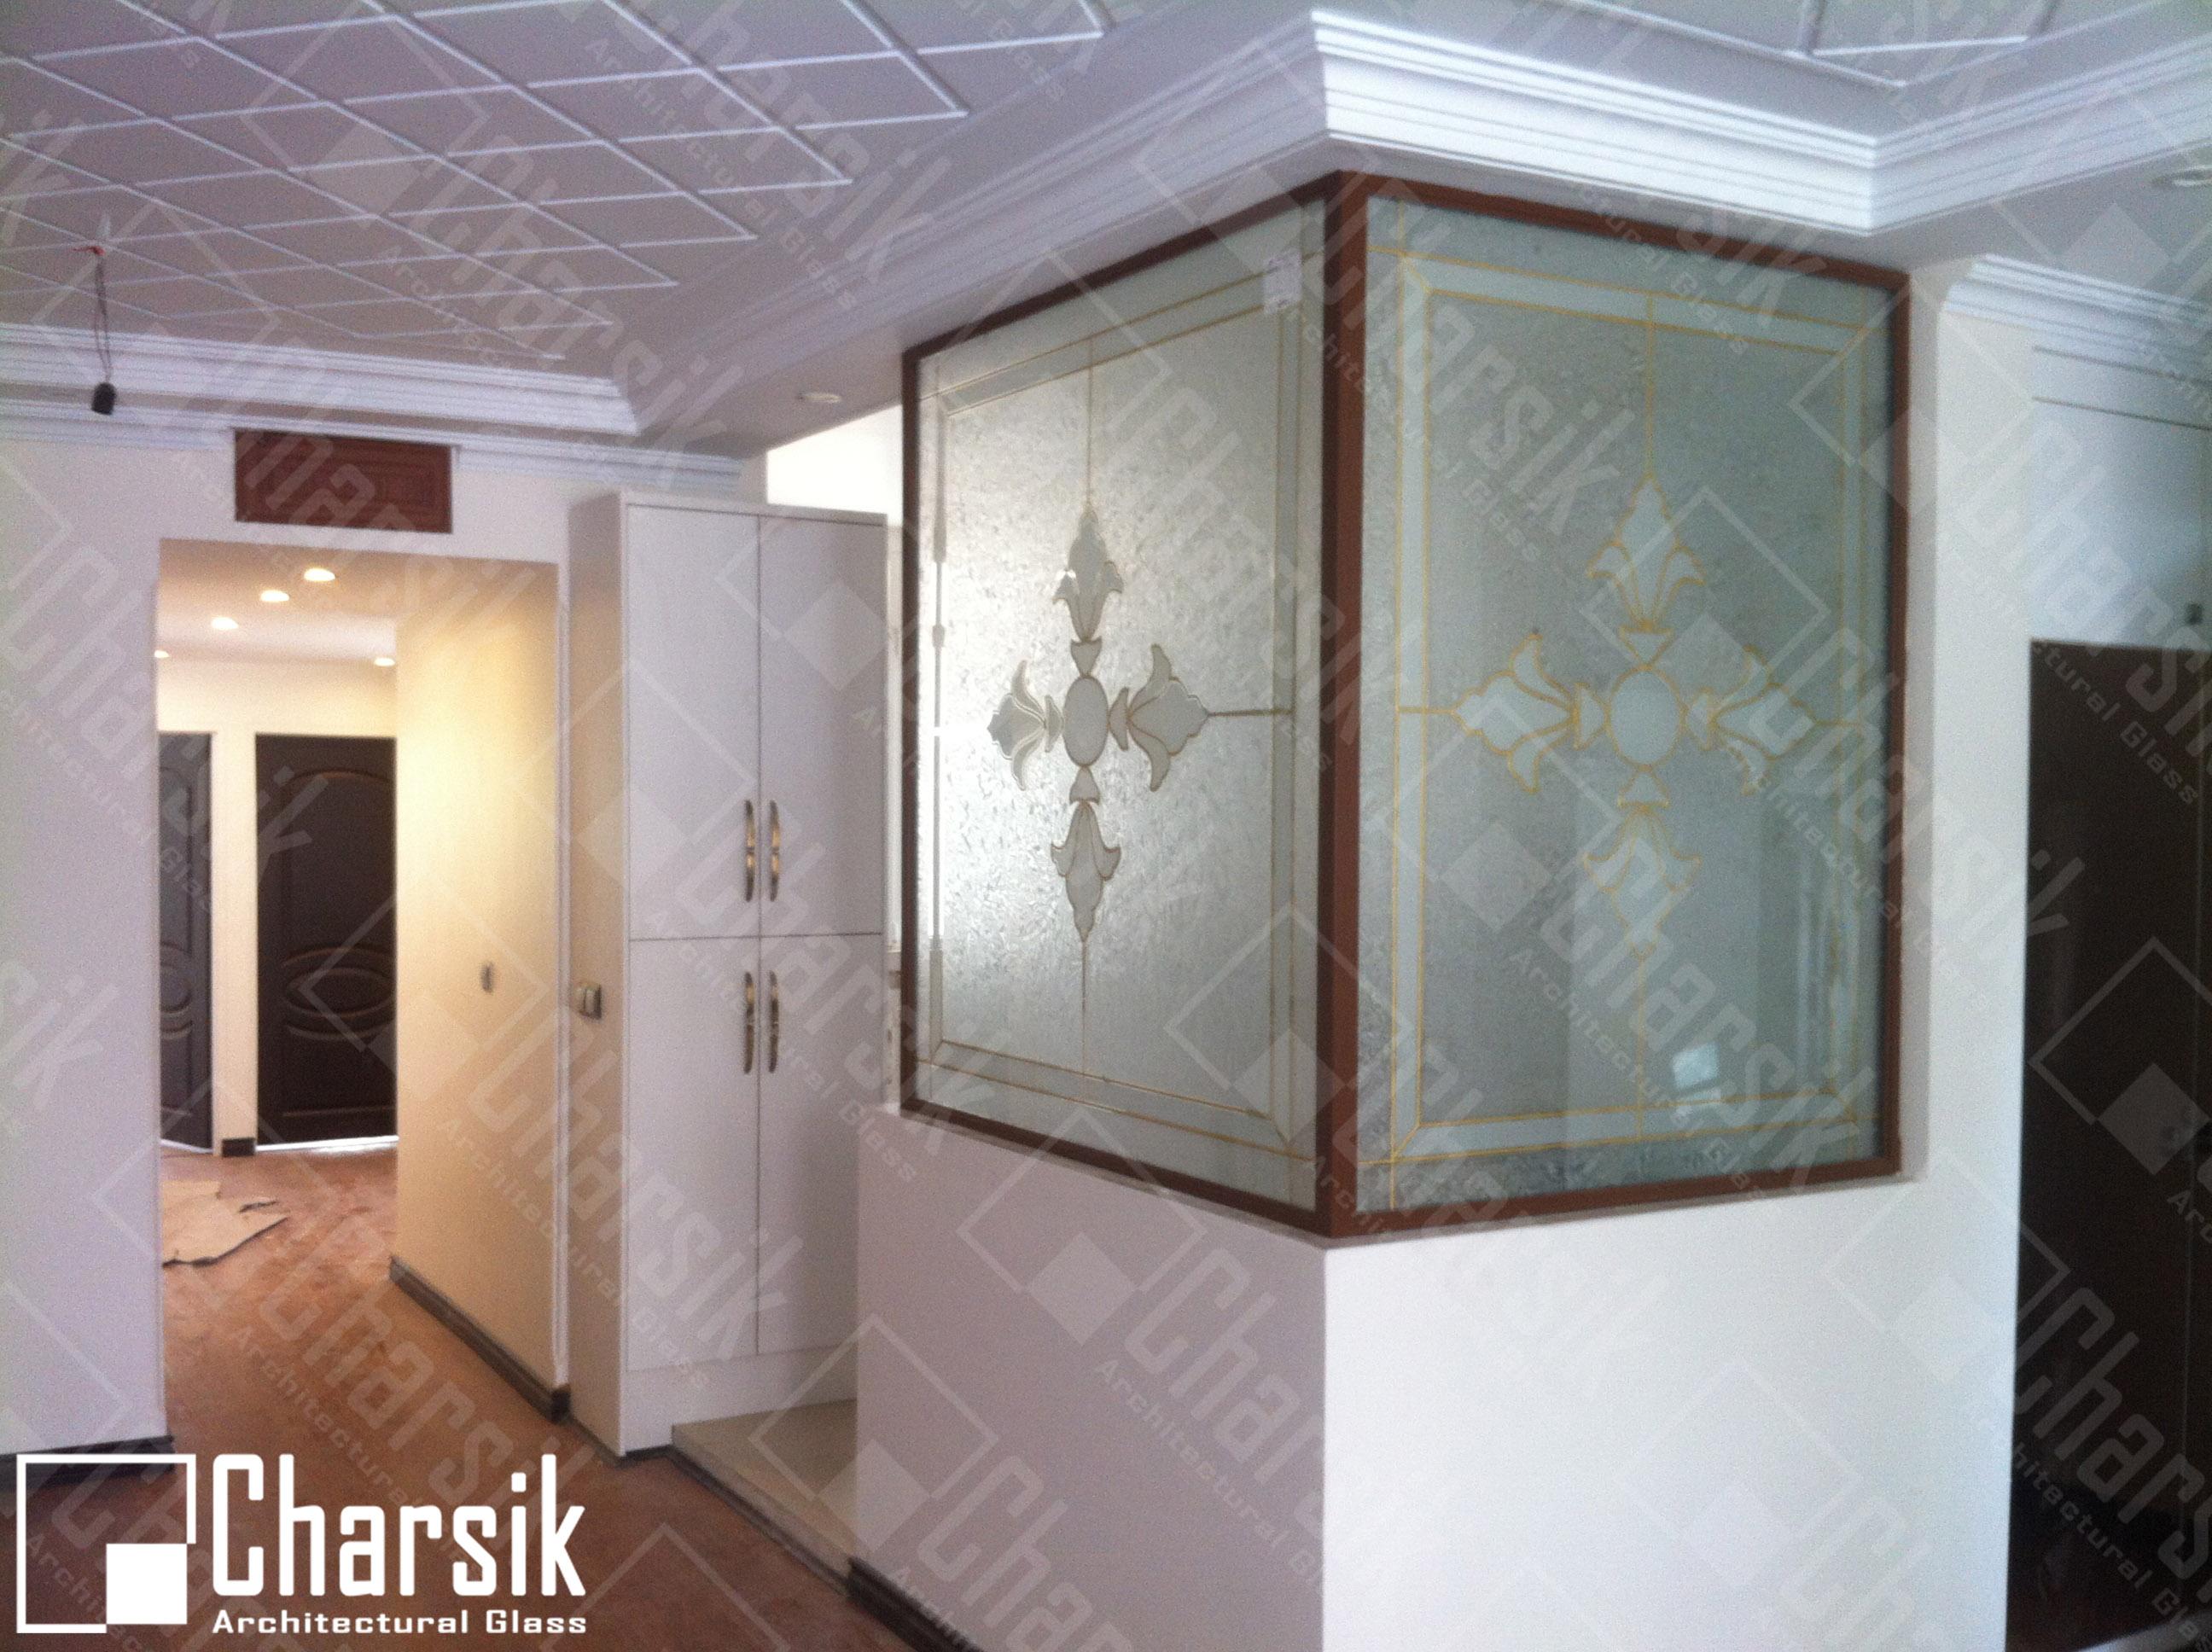 پارتیشن شیشه ای تزئینی